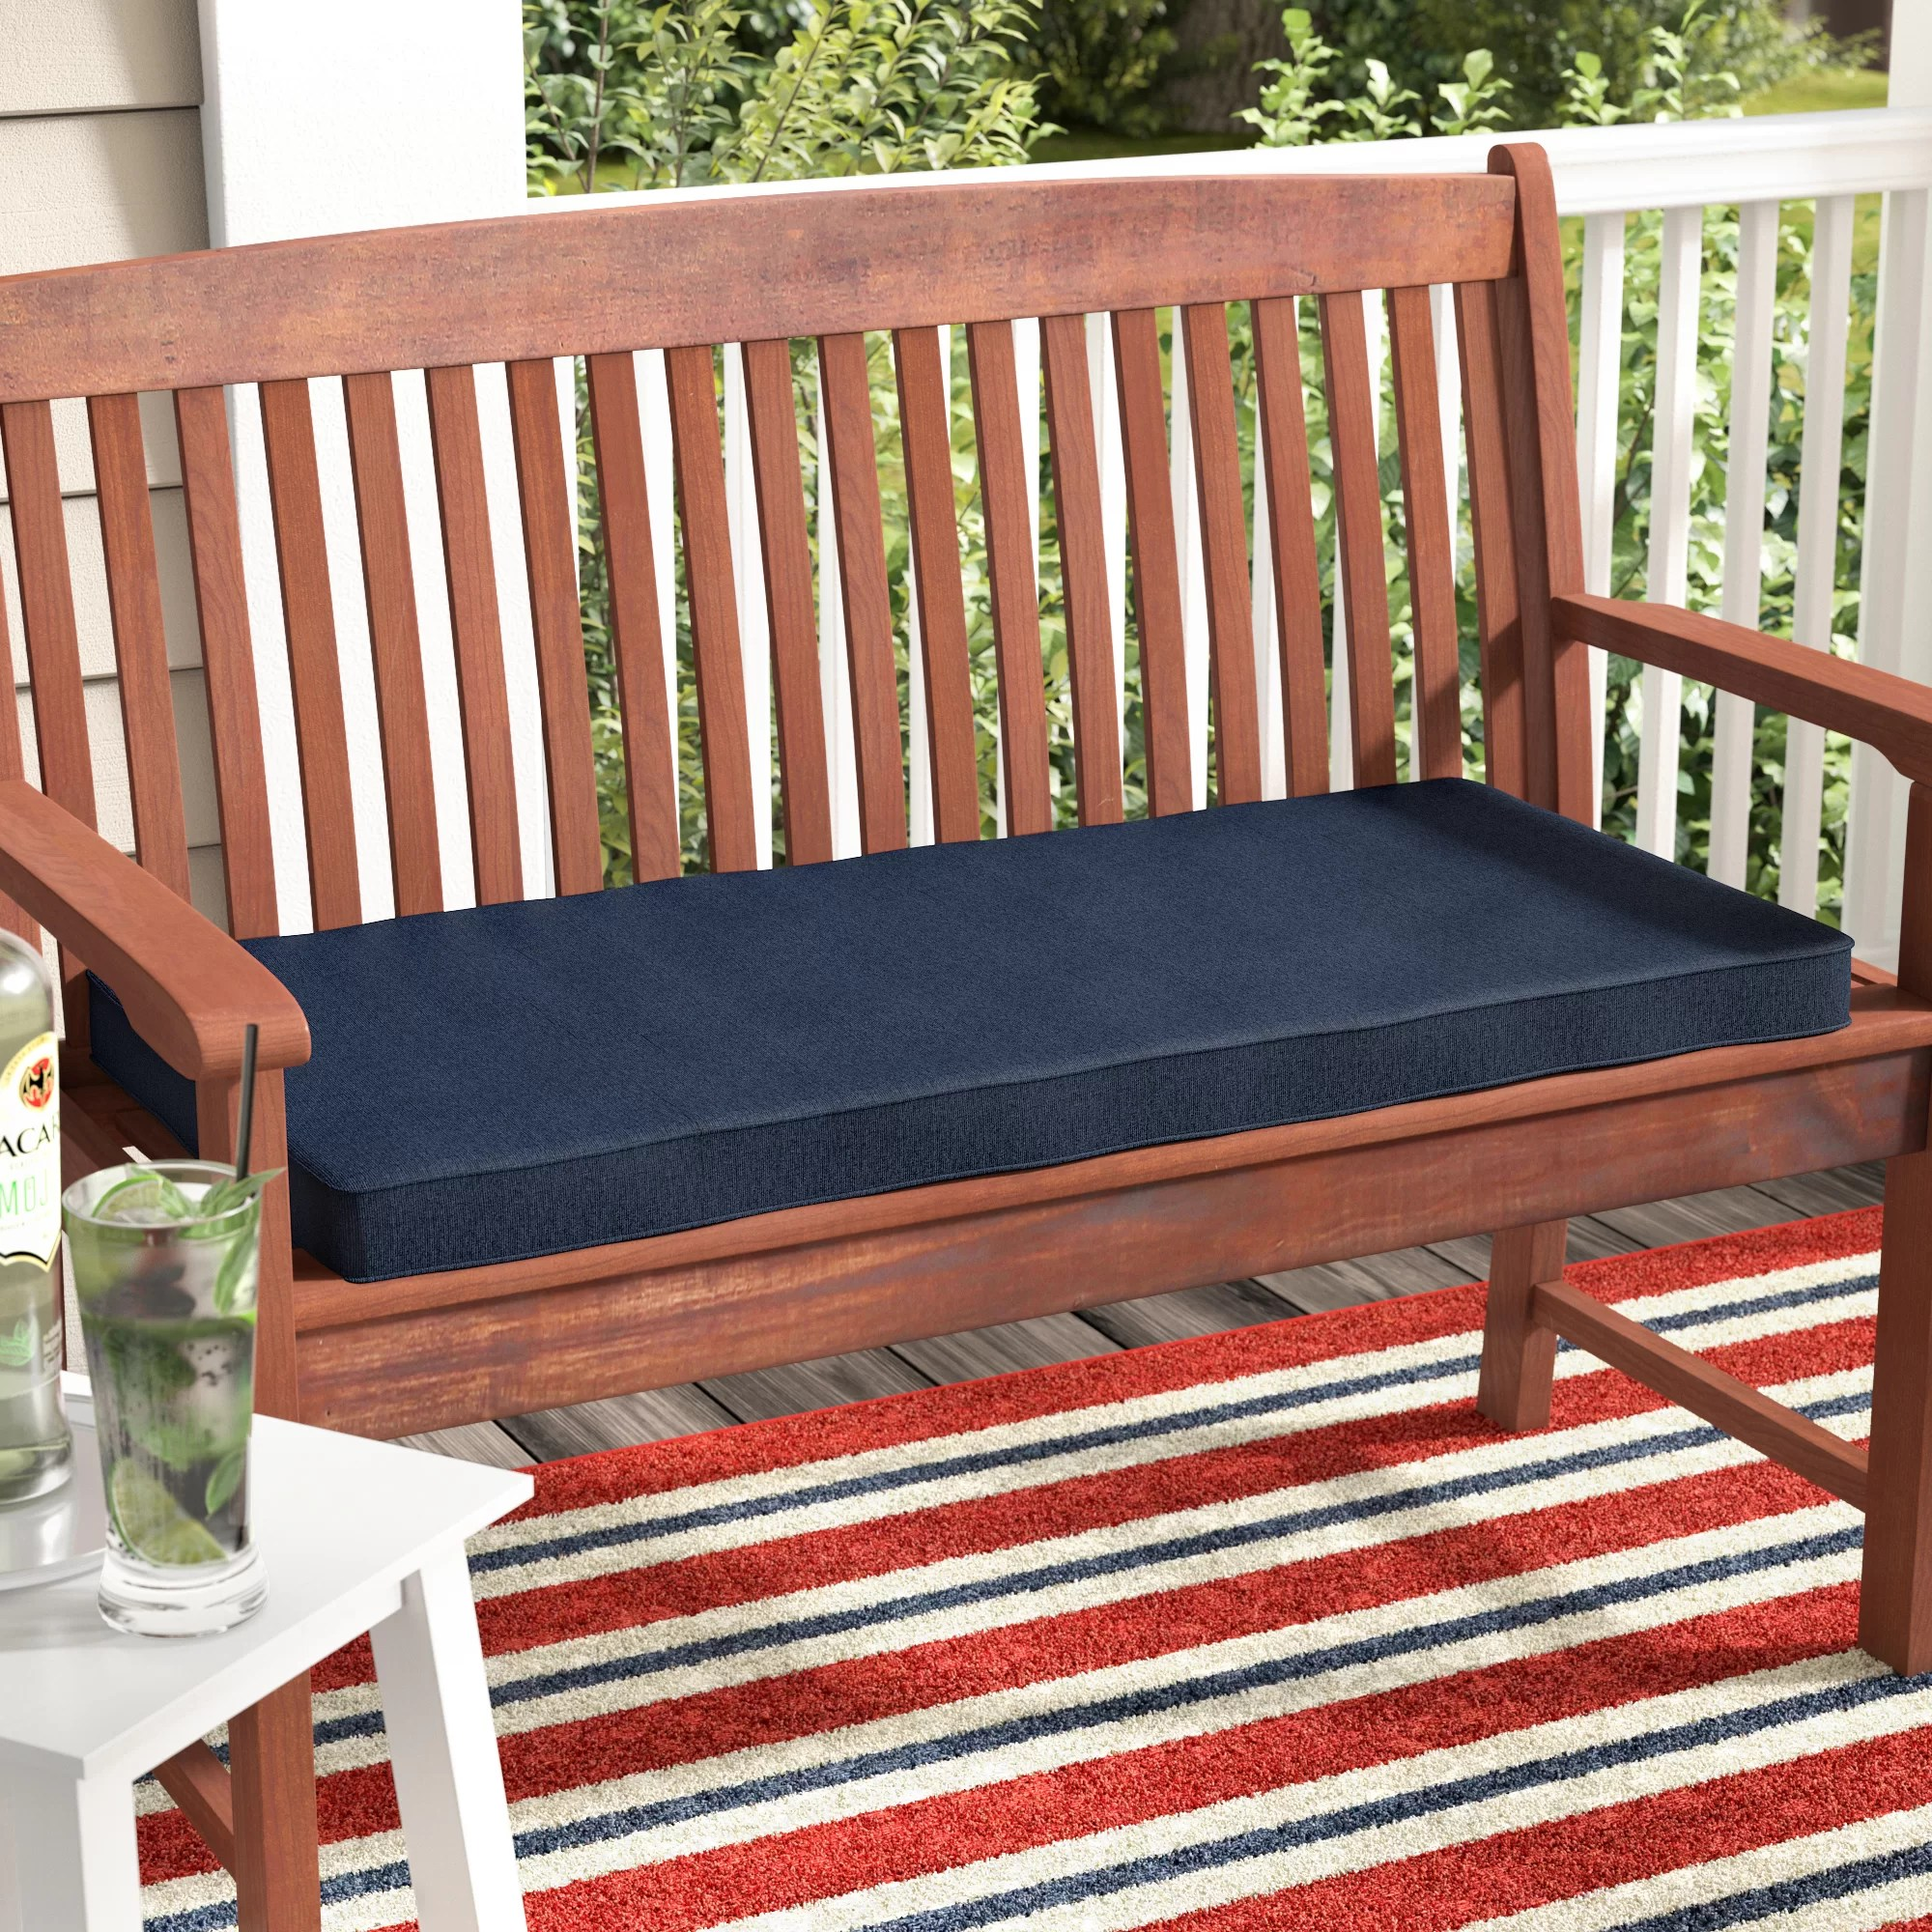 Breakwater Bay Sunbrella Seat Cushion Reviews Wayfair